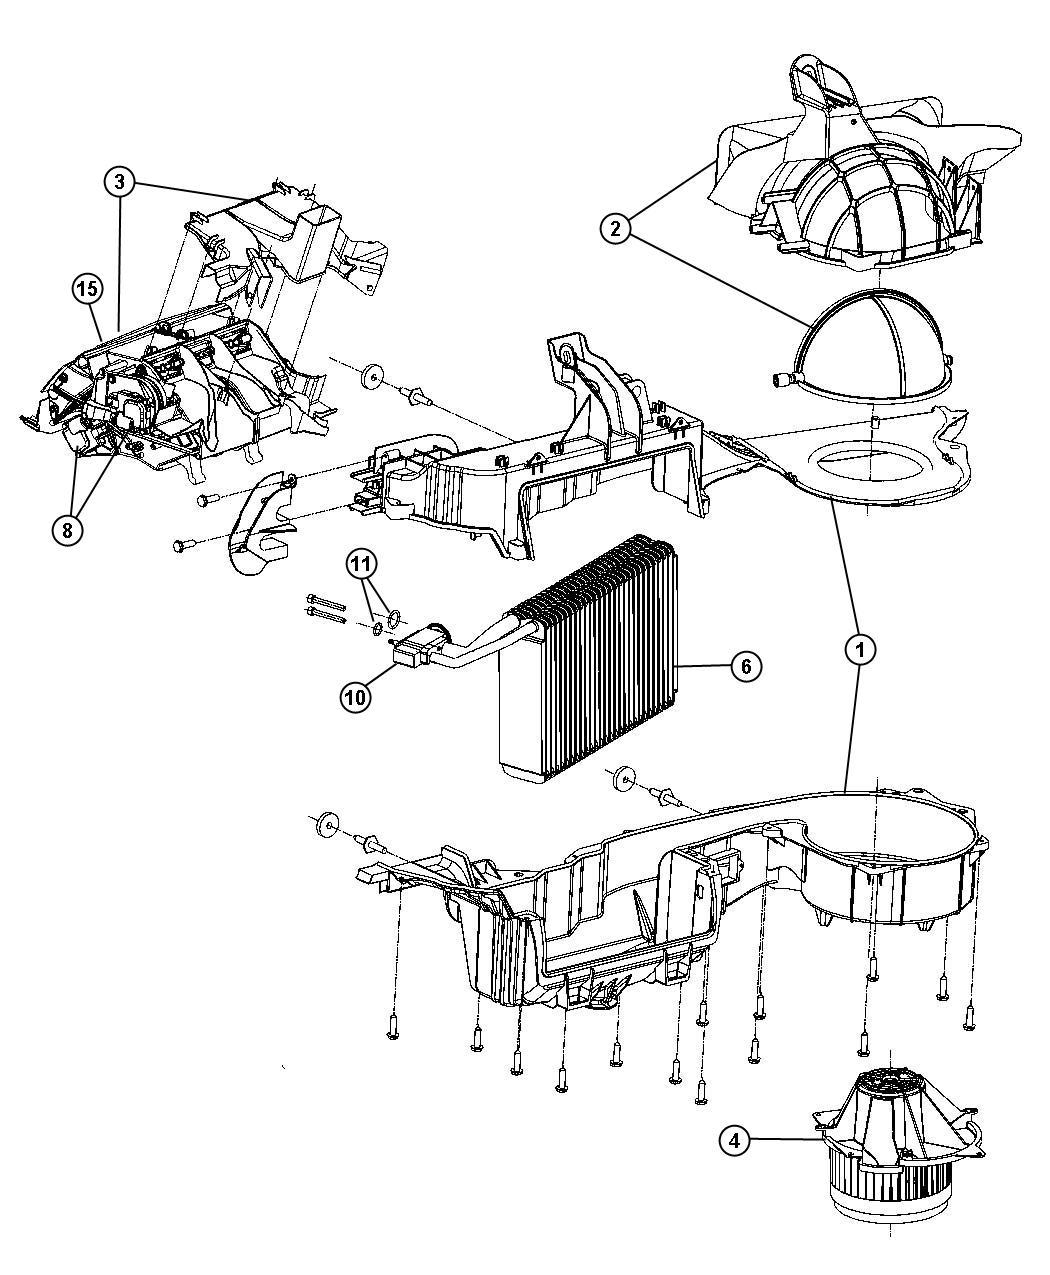 Dodge Dakota Evaporator Air Conditioning Control Unit